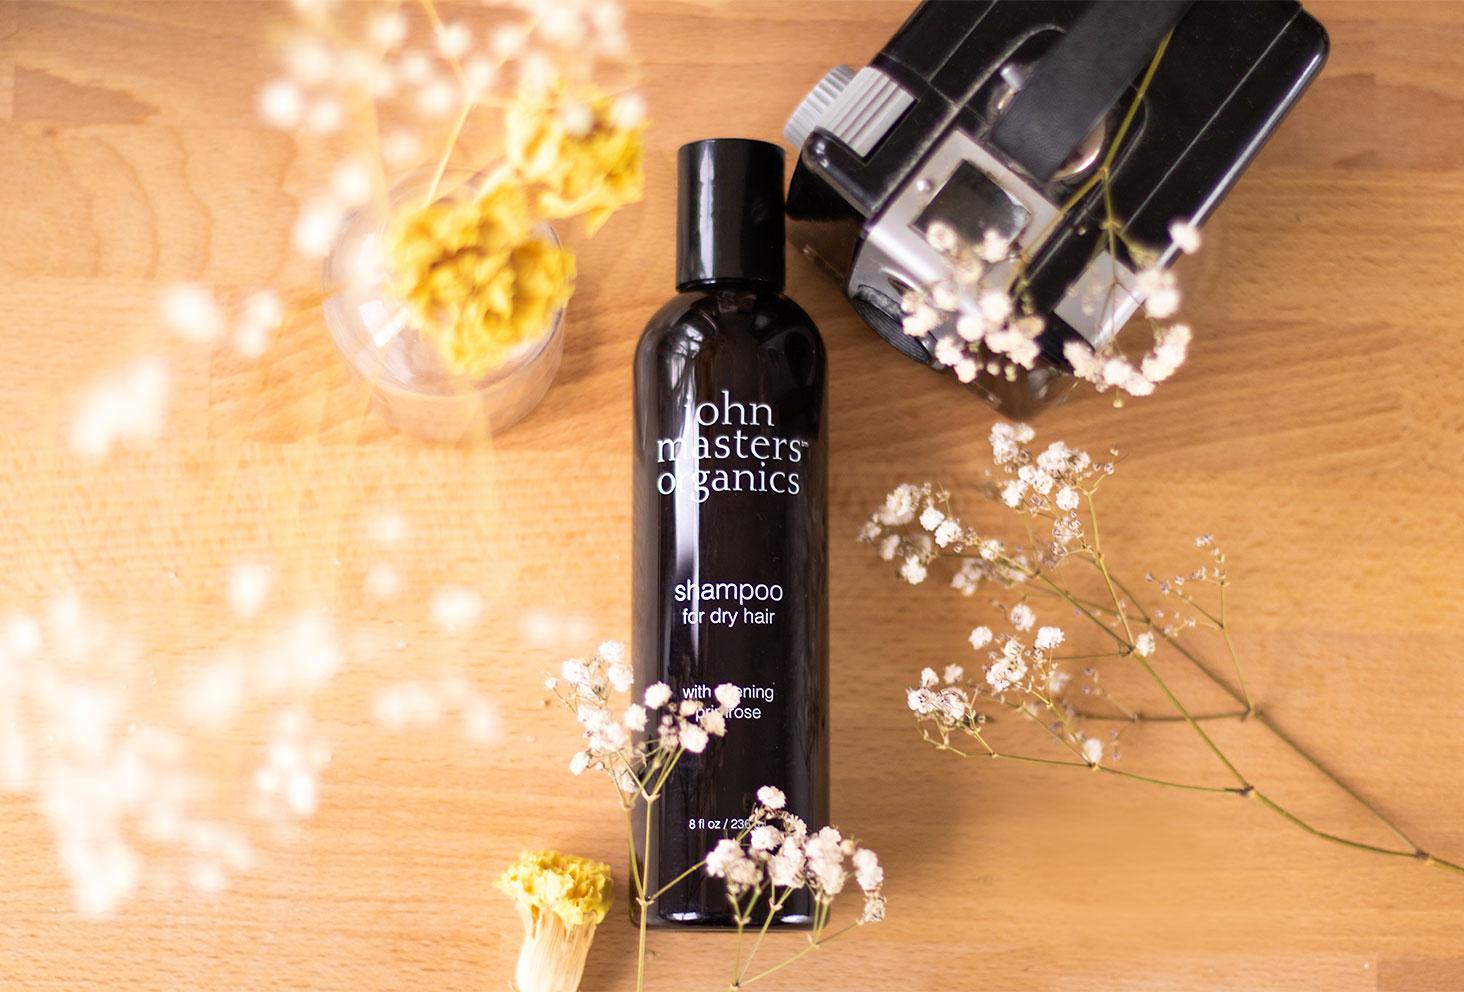 Le shampooing pour cheveux secs de John Masters Organics dans la routine spéciale confinement partie 1 qui concerne les cheveux